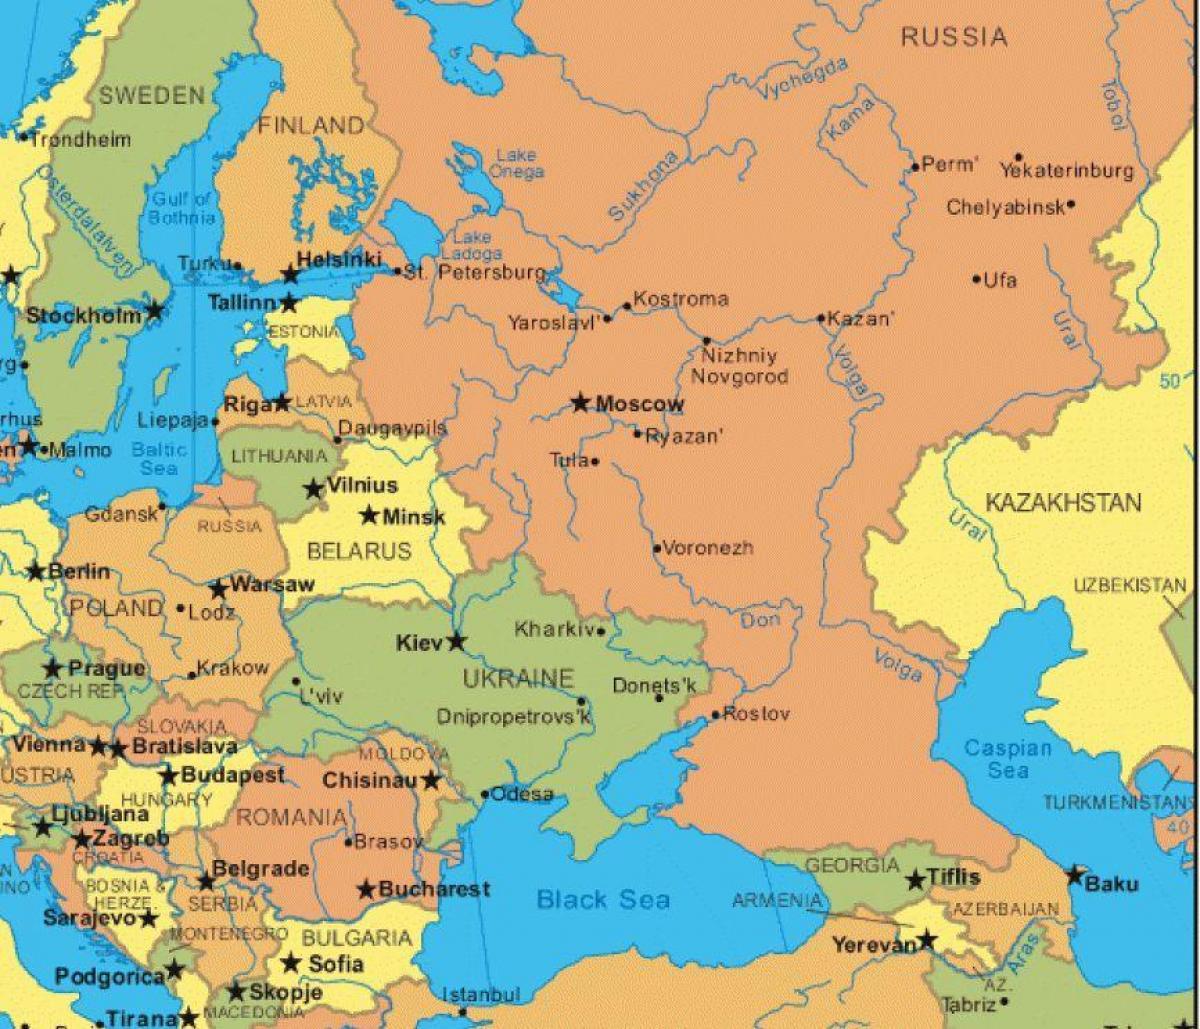 sentral europa kart Kart over Russland og øst europa   Kart øst europa og Russland  sentral europa kart